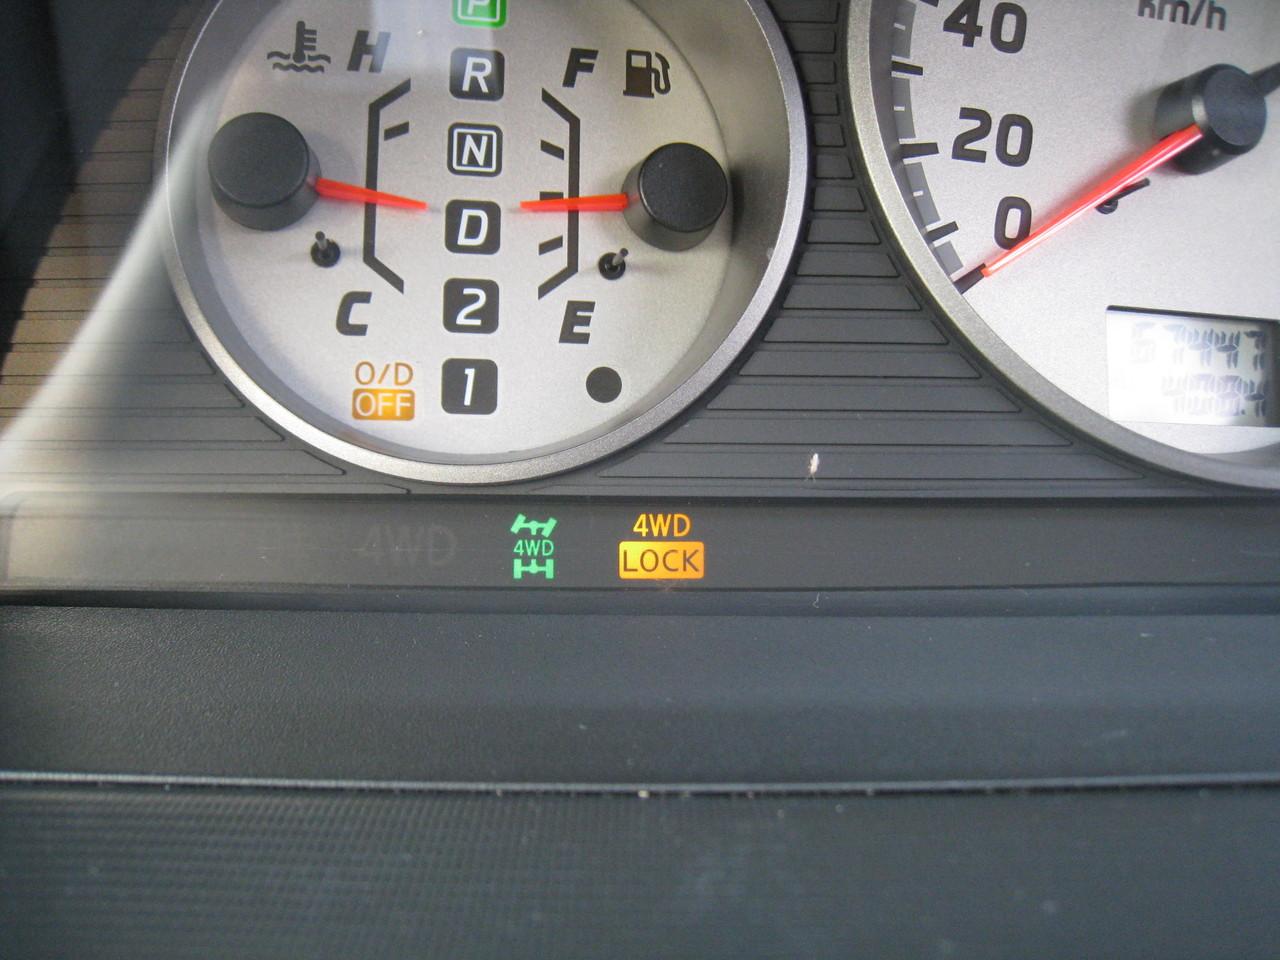 スイッチを押すと、メーター下に4WDのランプが点灯します。